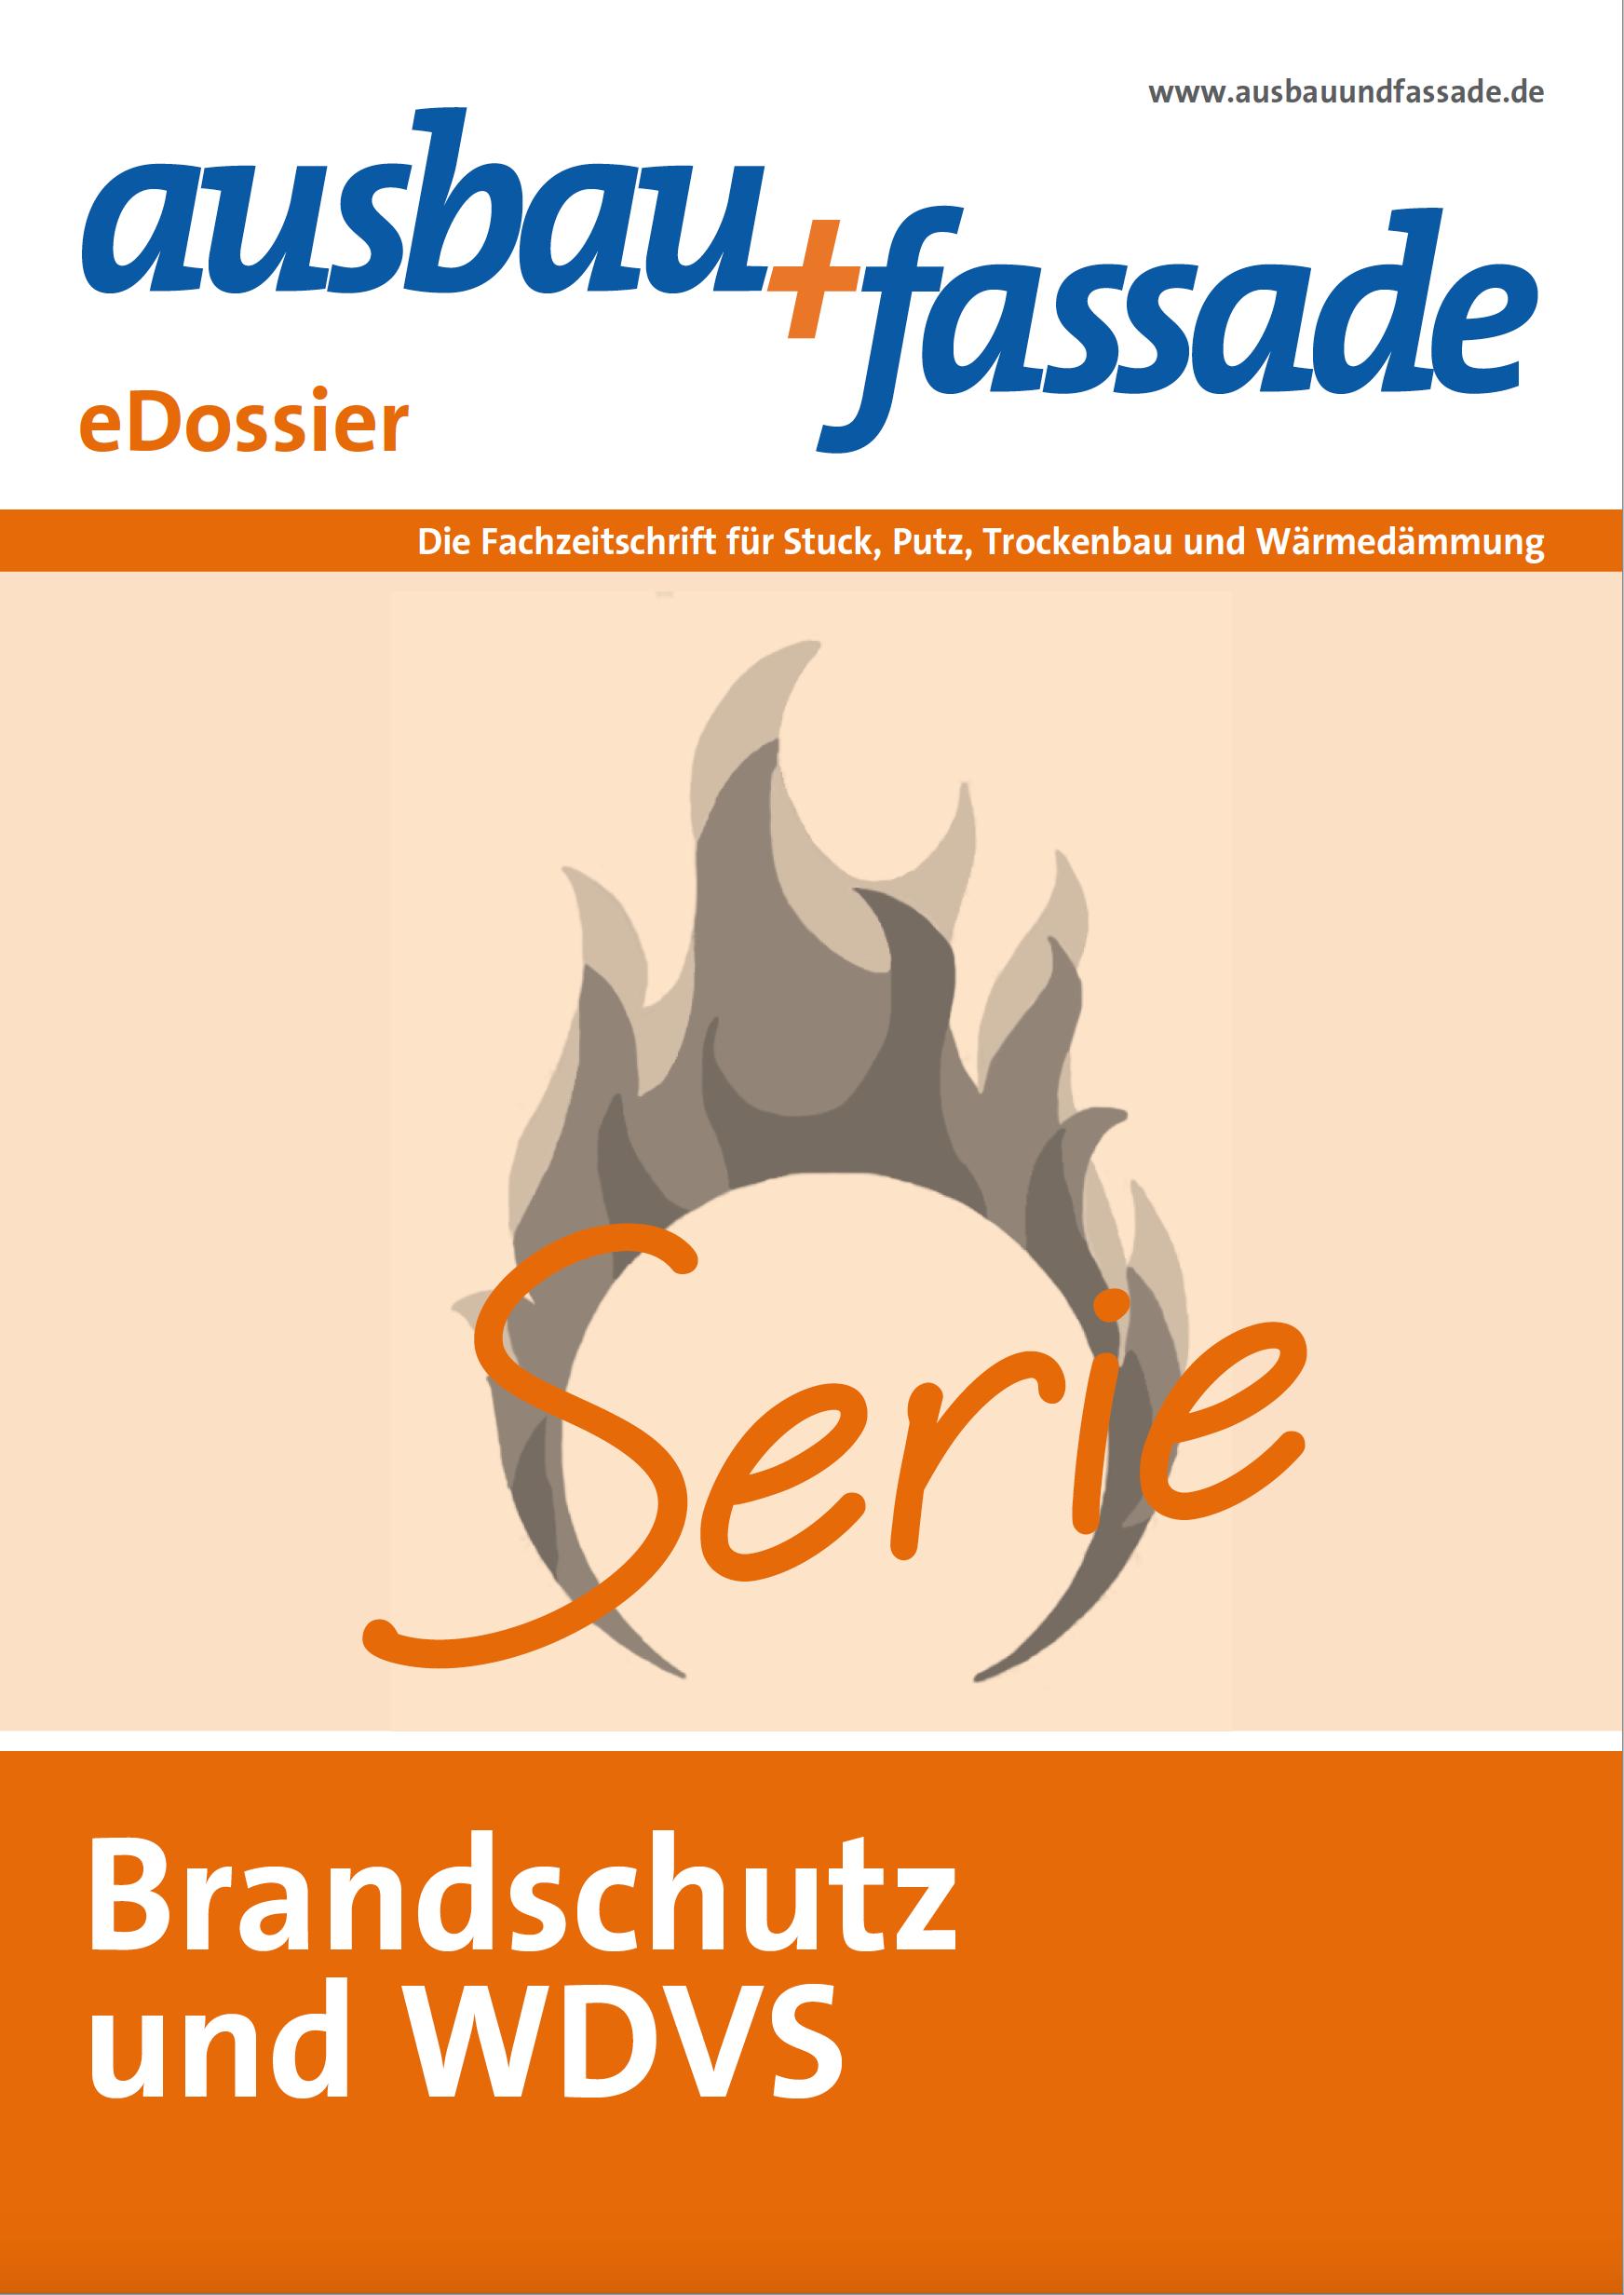 edossier_Brandschutz Ausbau und Fassade - Dämmen mit Holzfasern